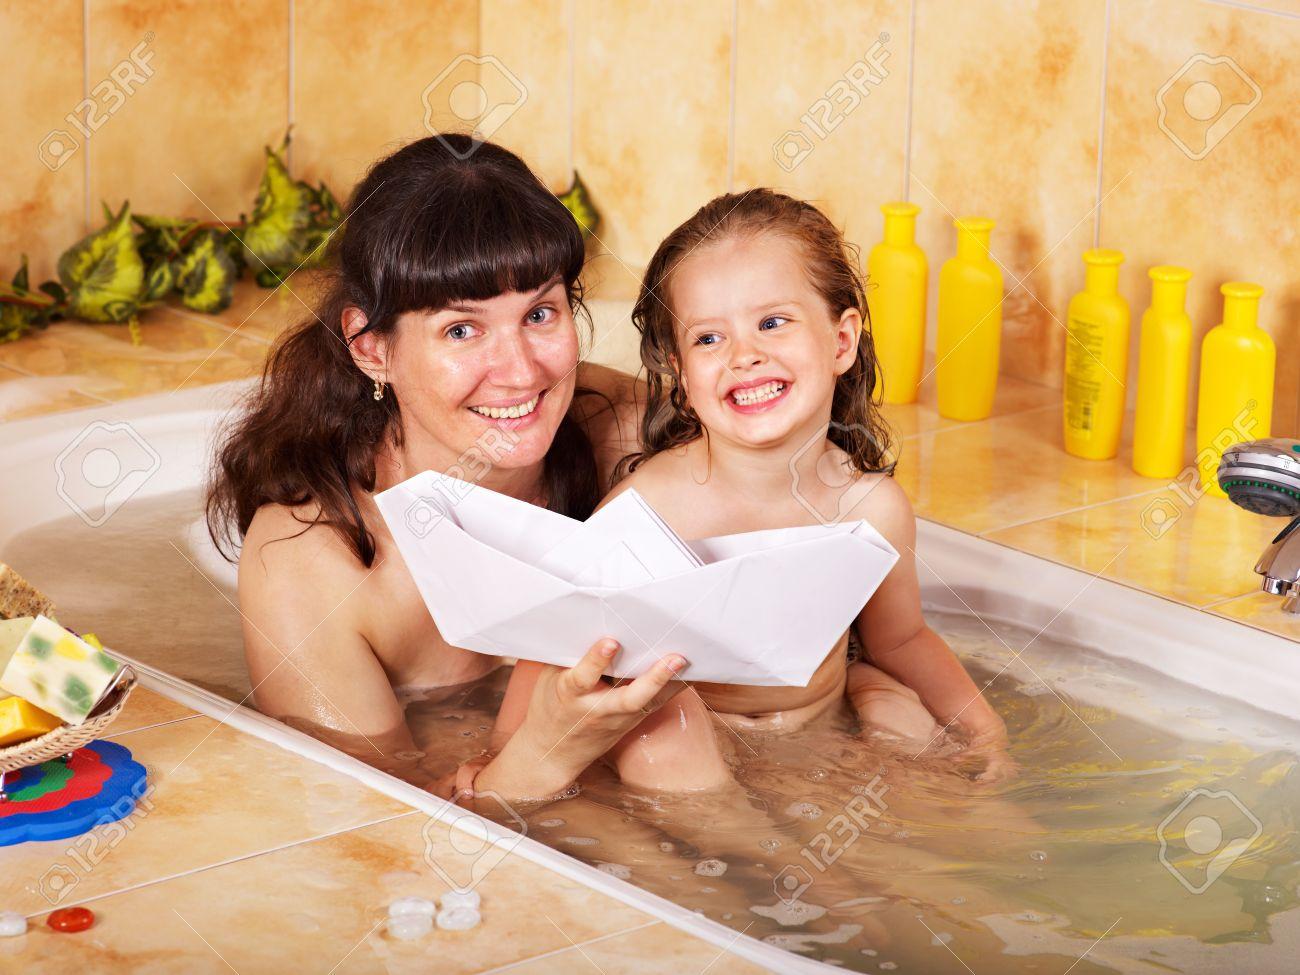 Фото мамы и дочки в ванной 17 фотография